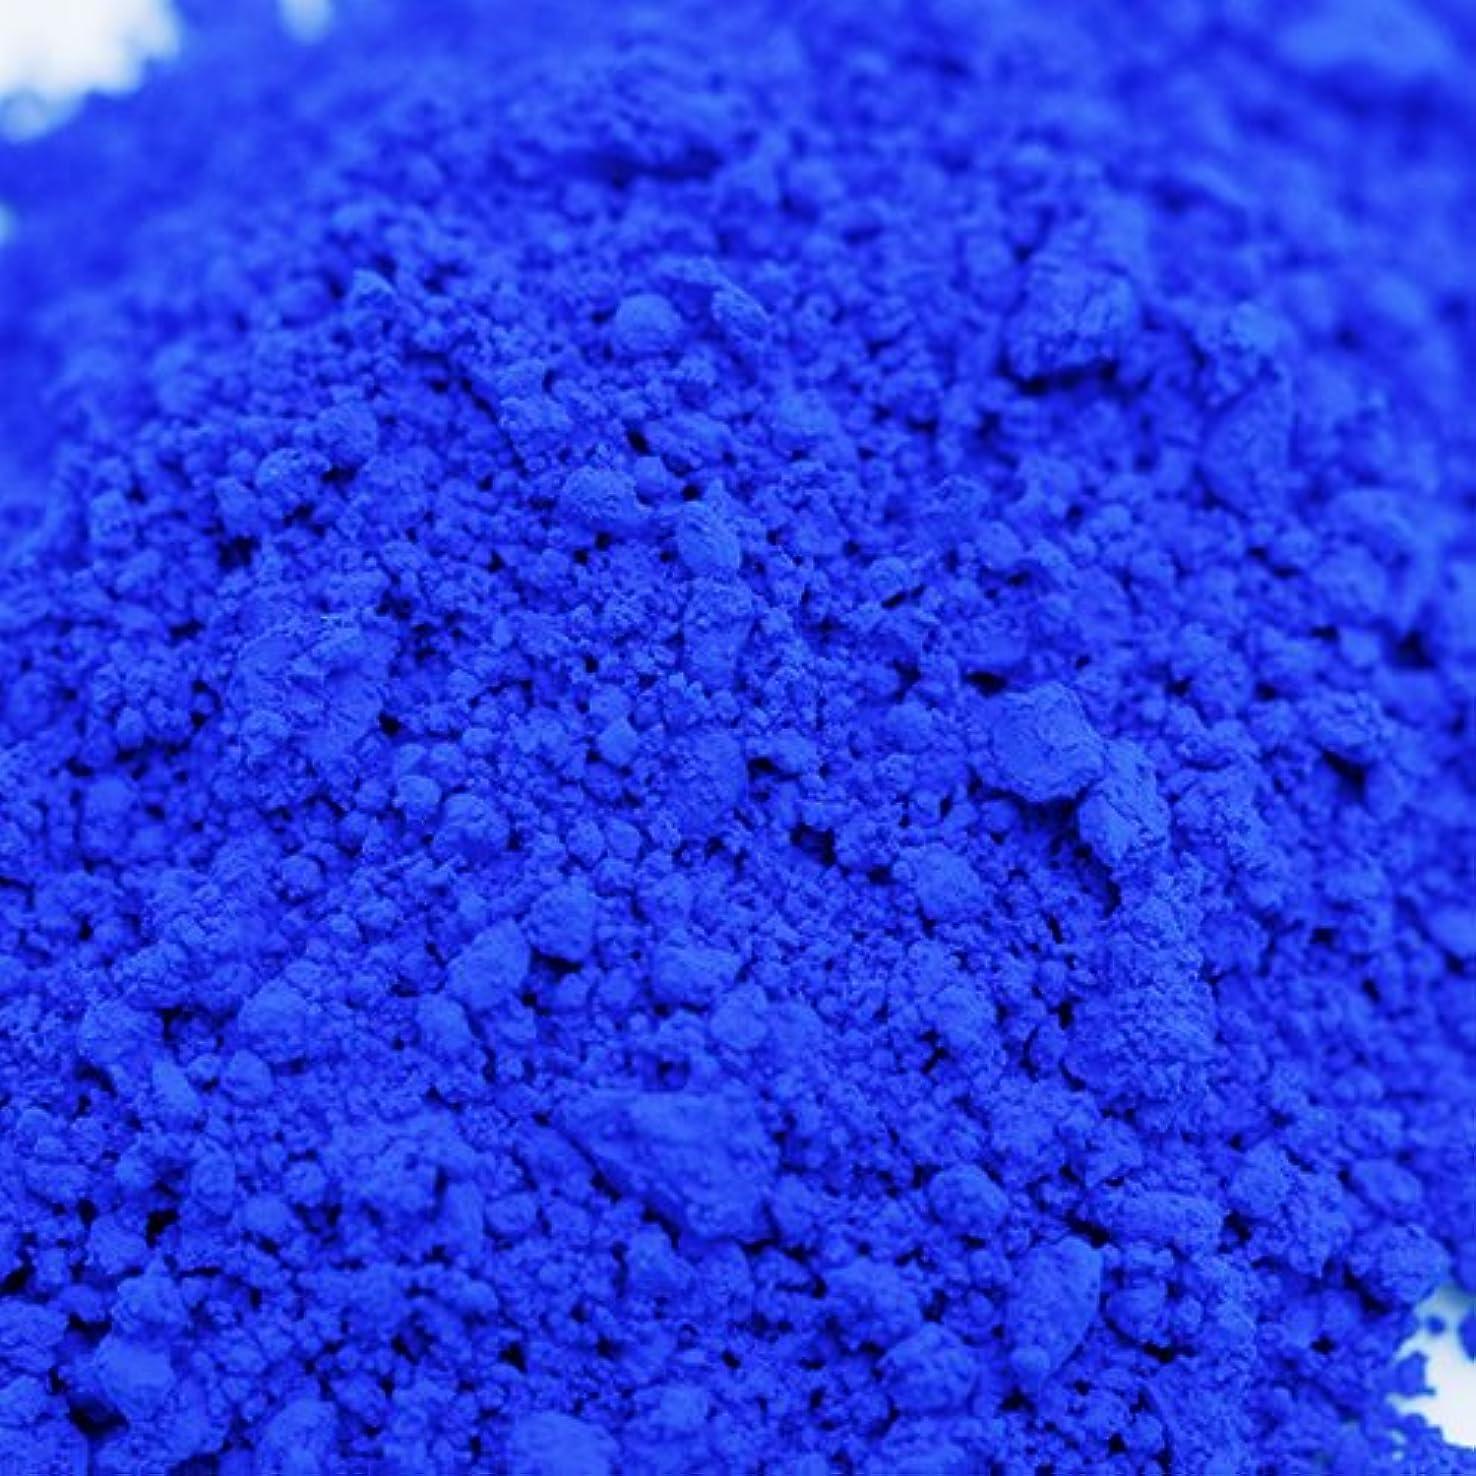 バッテリー非公式エジプトウルトラマリン ブルー 20g 【手作り石鹸/手作りコスメ/色付け/カラーラント/青】